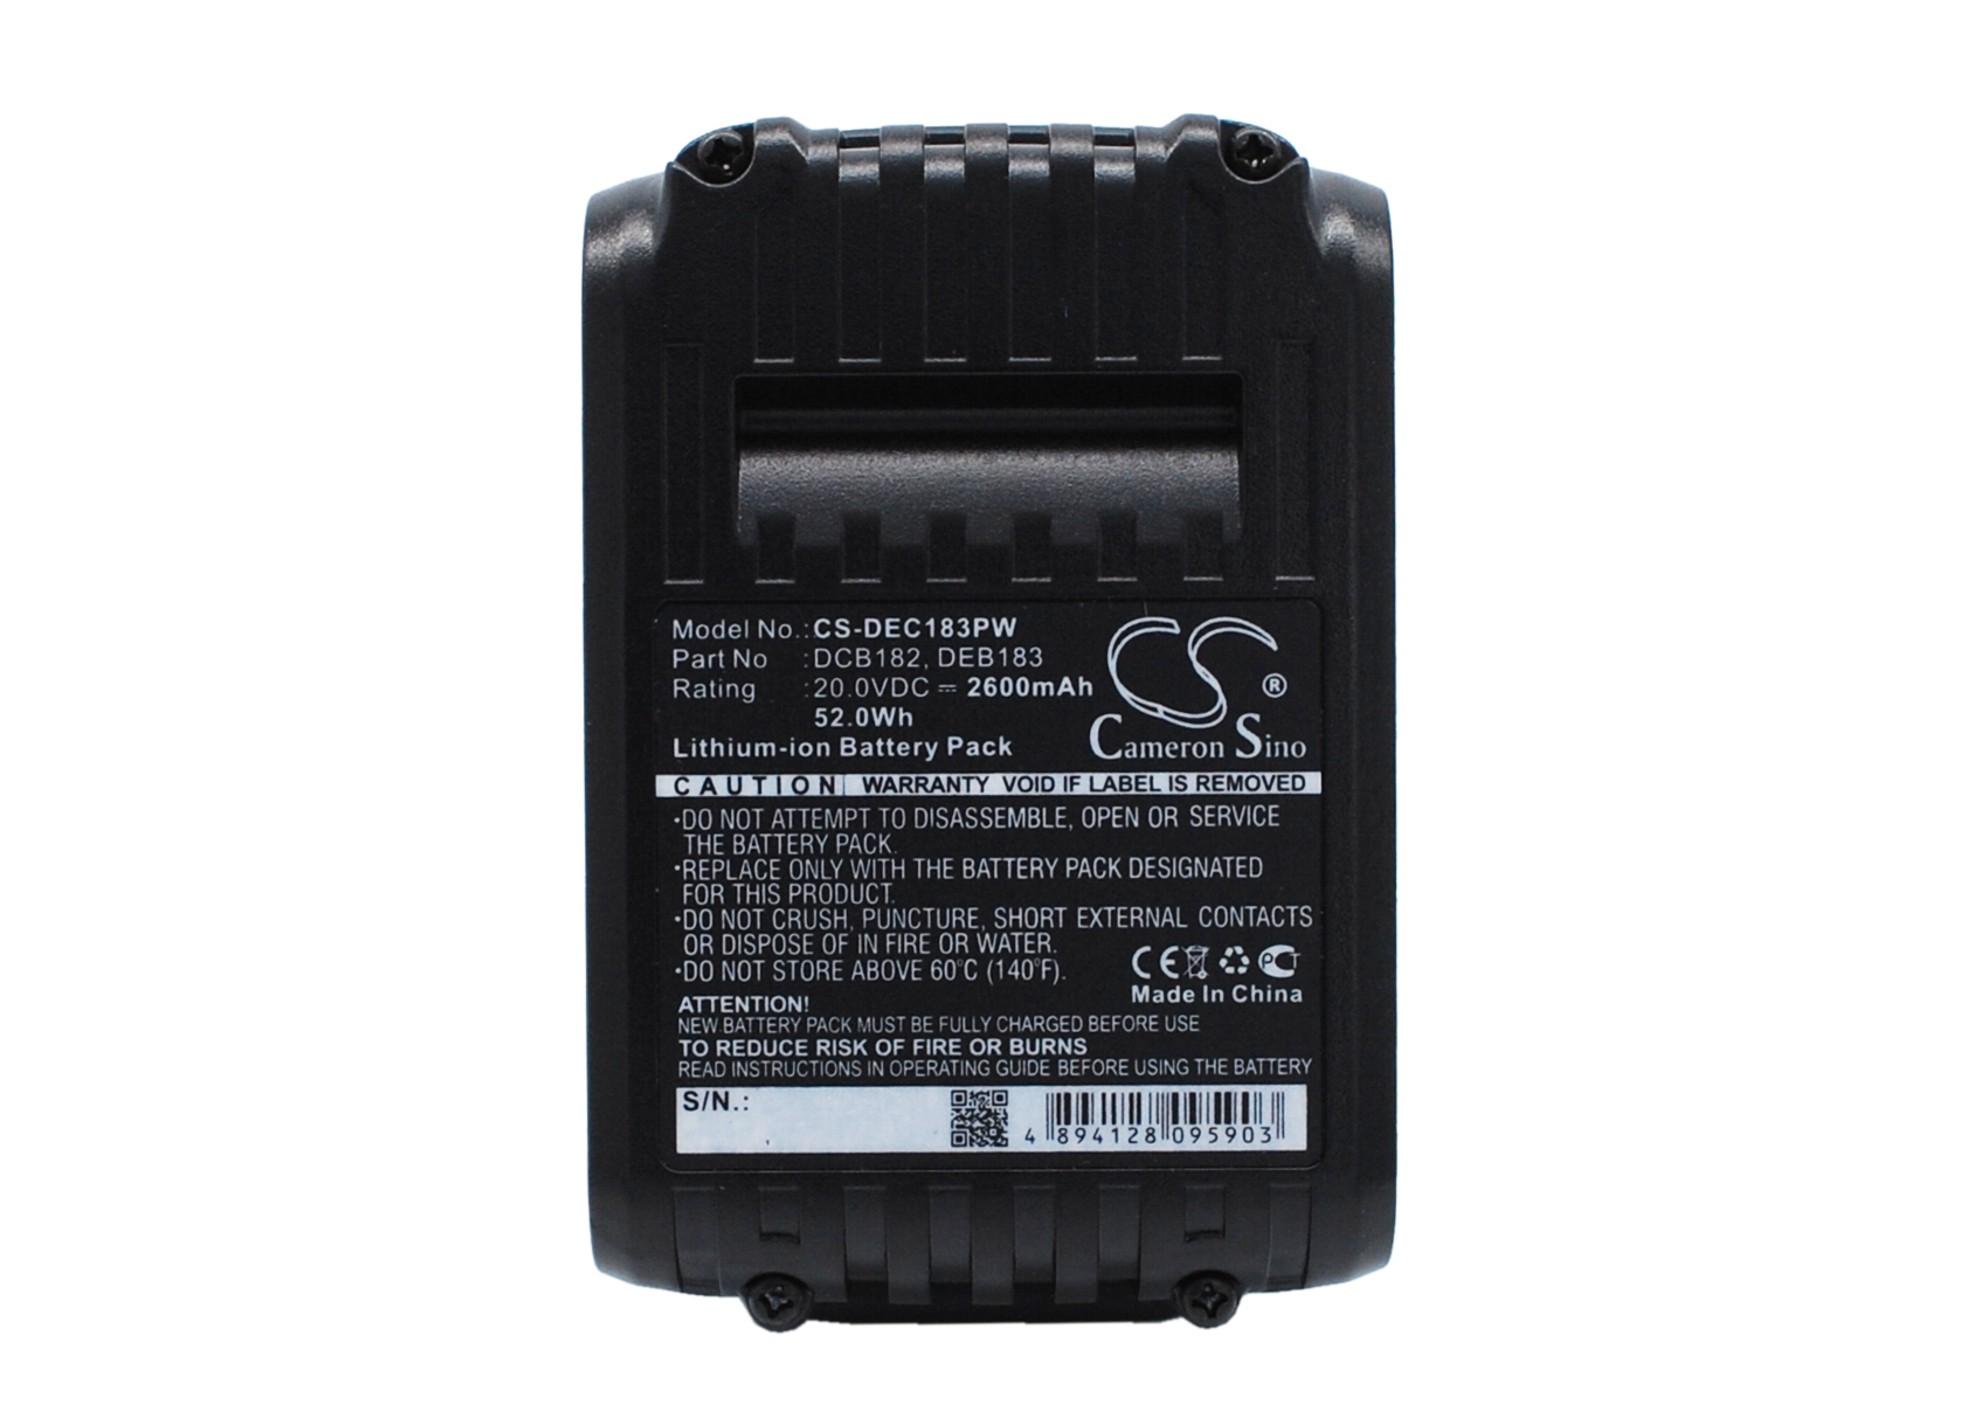 Cameron Sino baterie do nářadí pro DEWALT DCF895L2 20V Li-ion 2600mAh černá - neoriginální